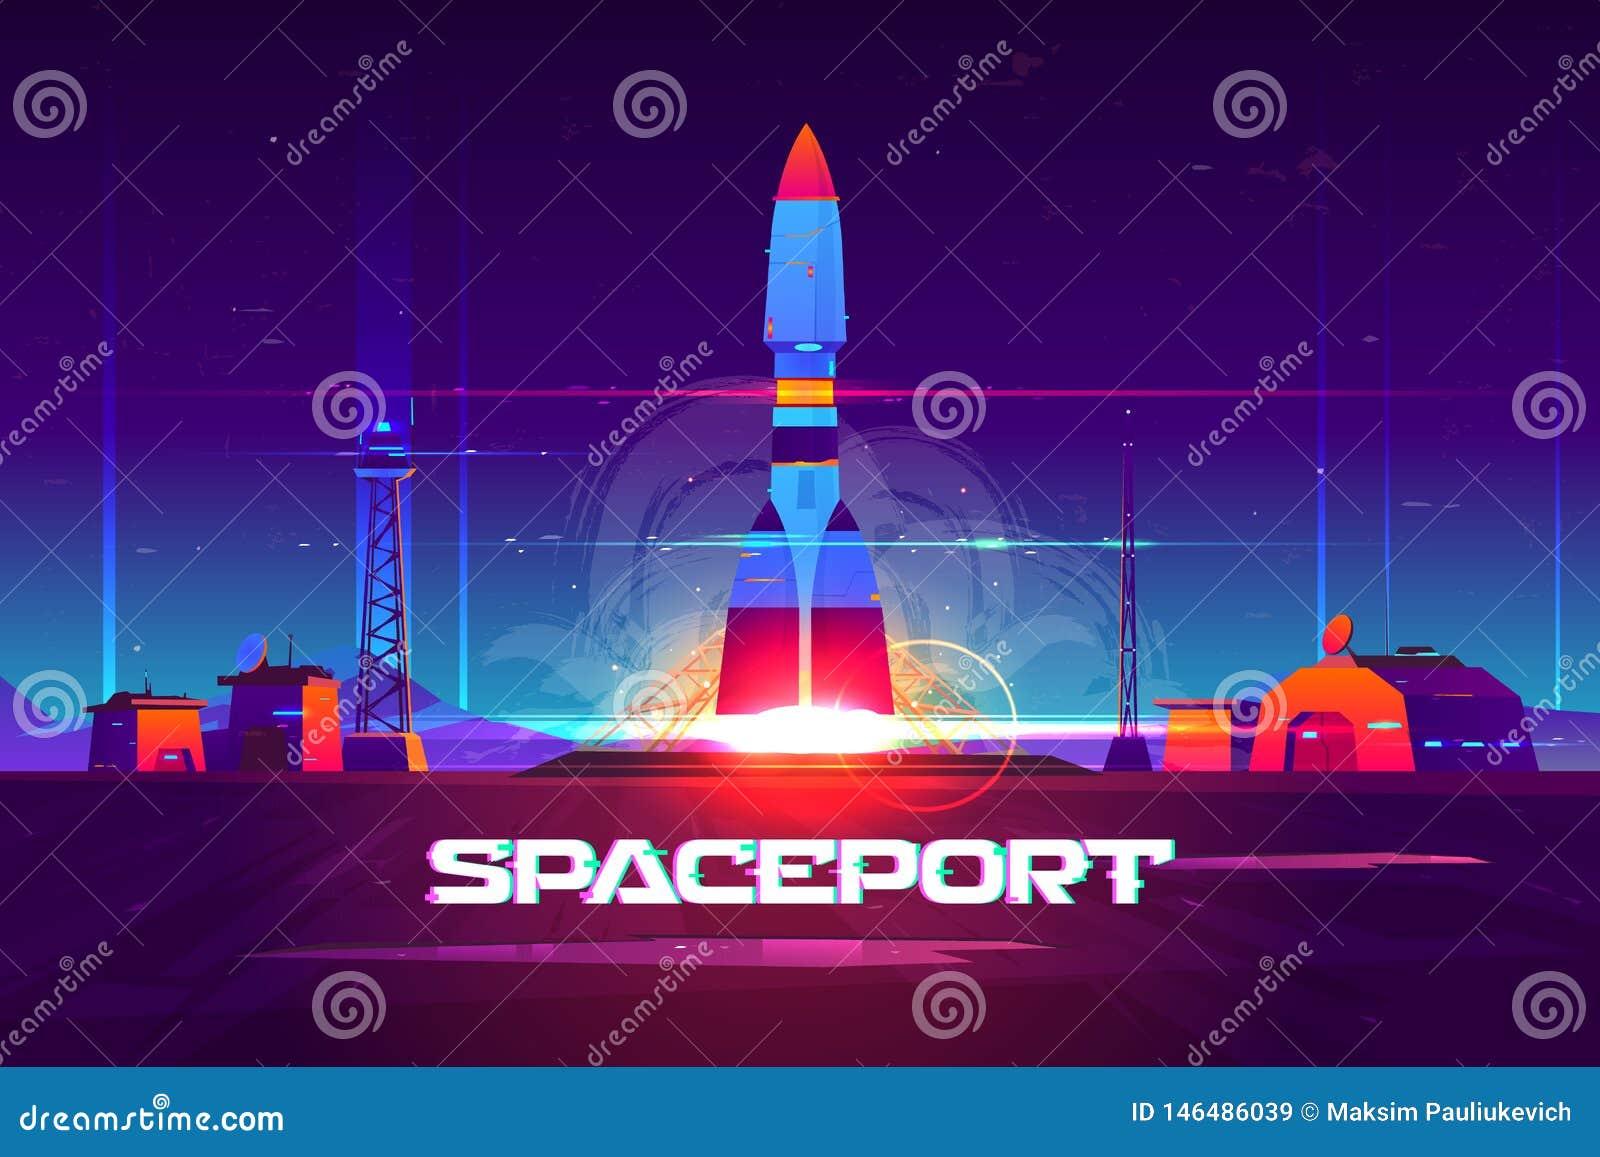 Προώθηση Rocketship από το διάνυσμα κινούμενων σχεδίων spaceport